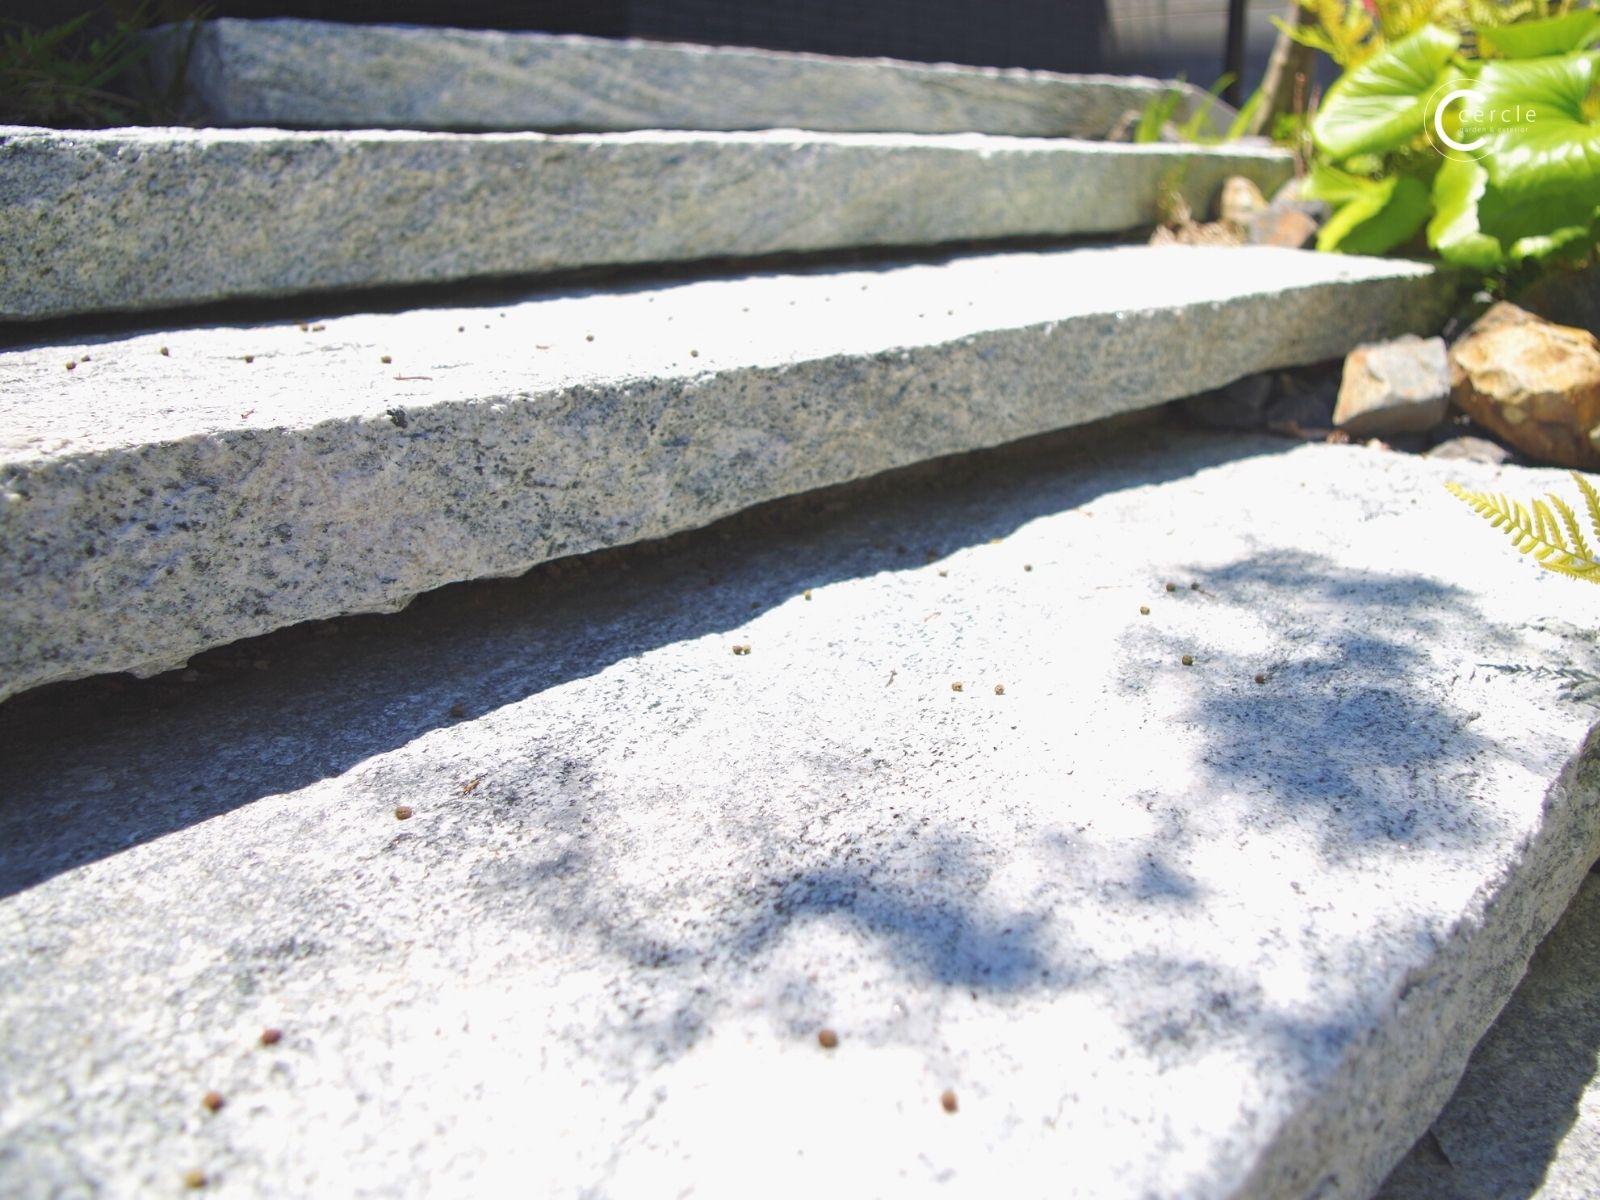 【鈴鹿市】白い美しい岩肌(Onlyone/ヴィスタストーン)に木漏れ日が映る